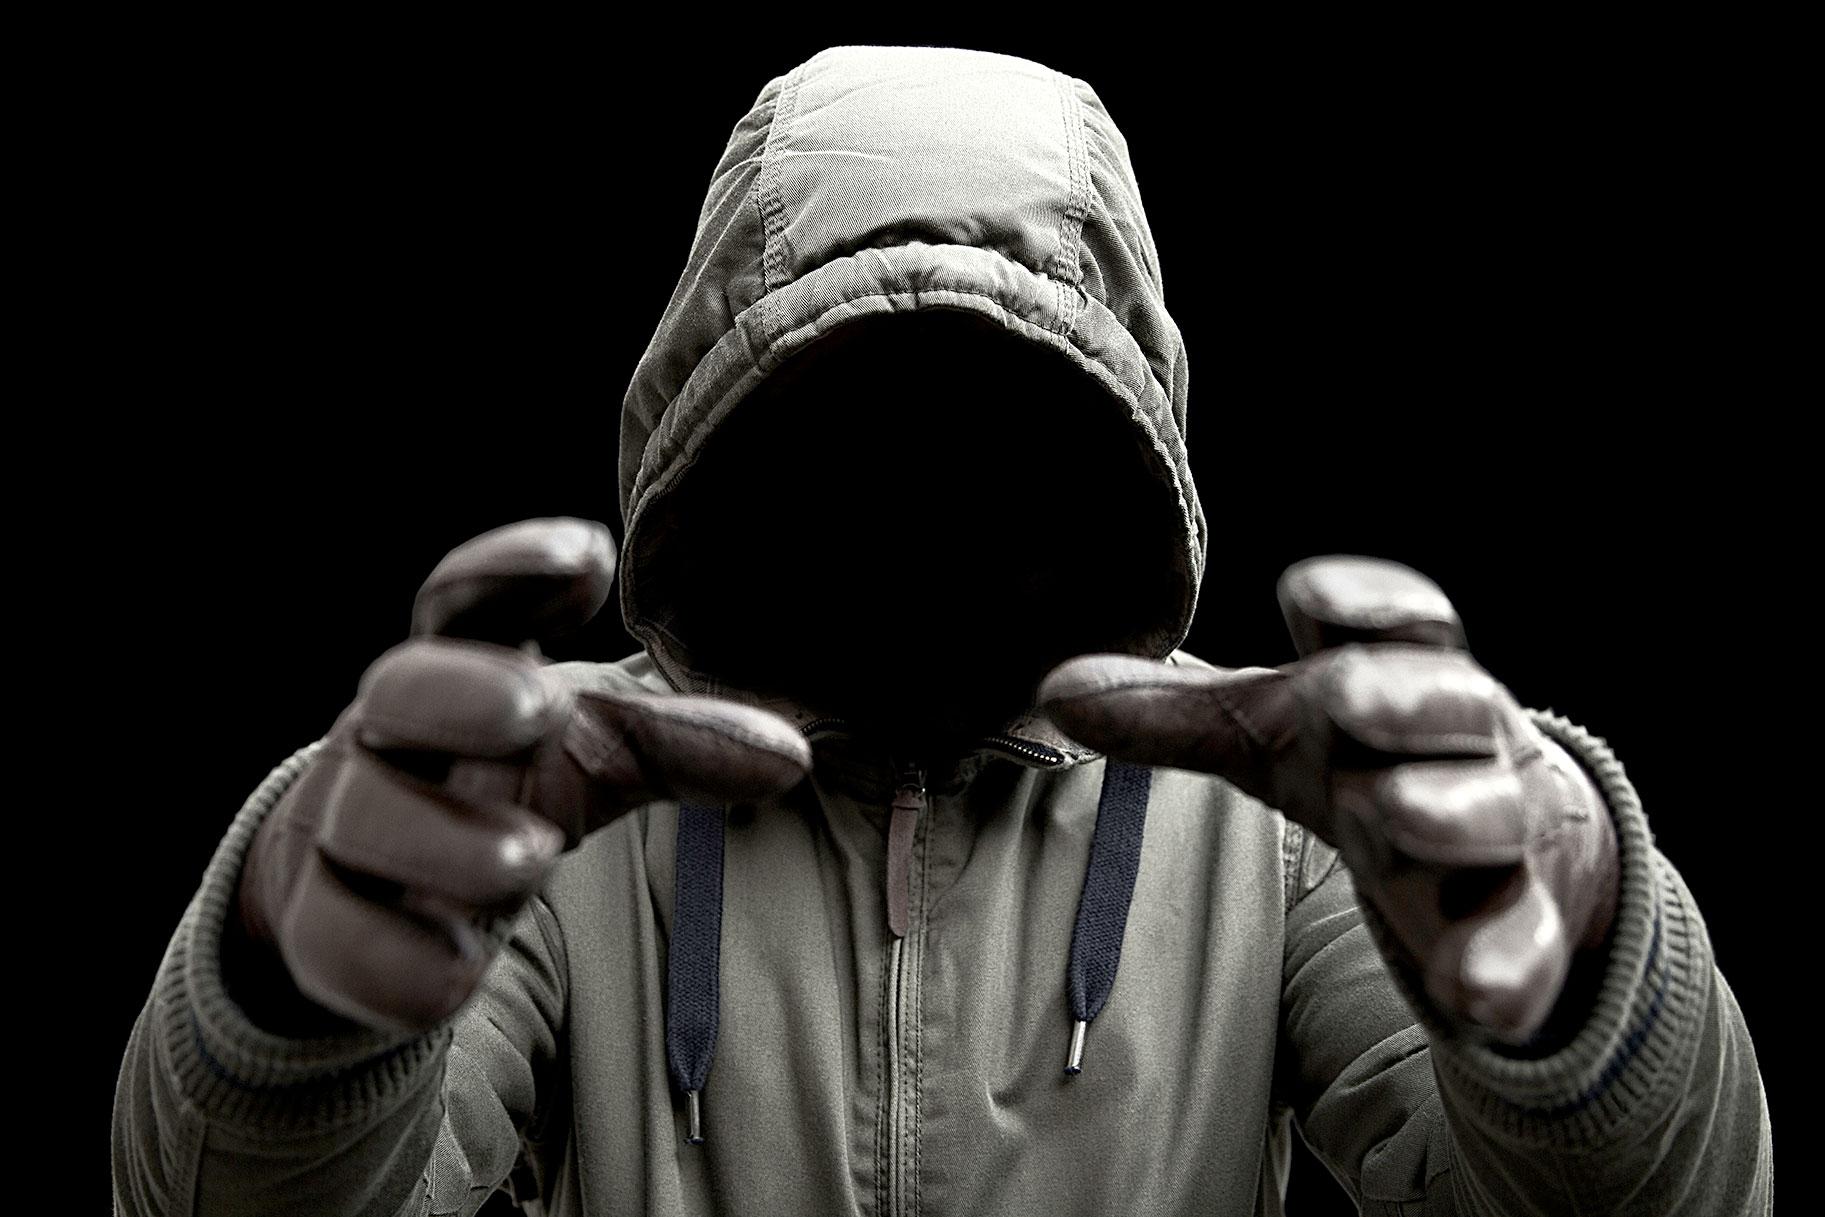 Los psicópatas pueden parecer 'pilares de su comunidad': ¿cómo se puede detectar uno?